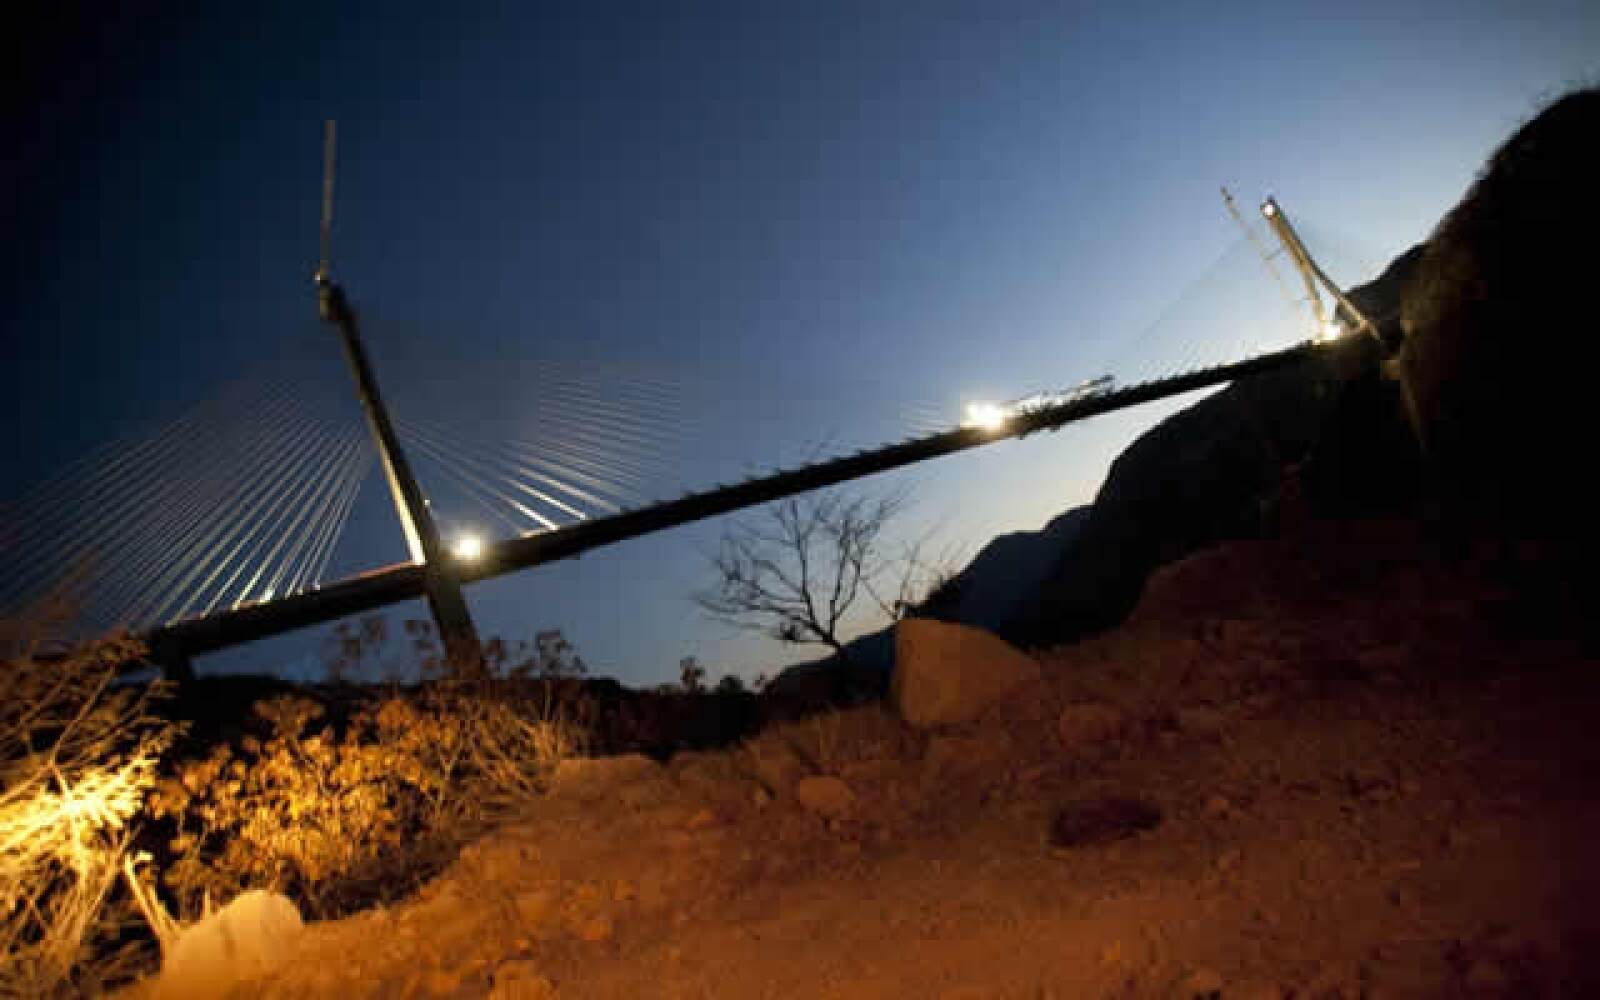 El Gobierno estima una inversión de 200,000 millones de pesos para la construcción de la carretera Durango-Mazatlán, que deberá terminarse en 2012.